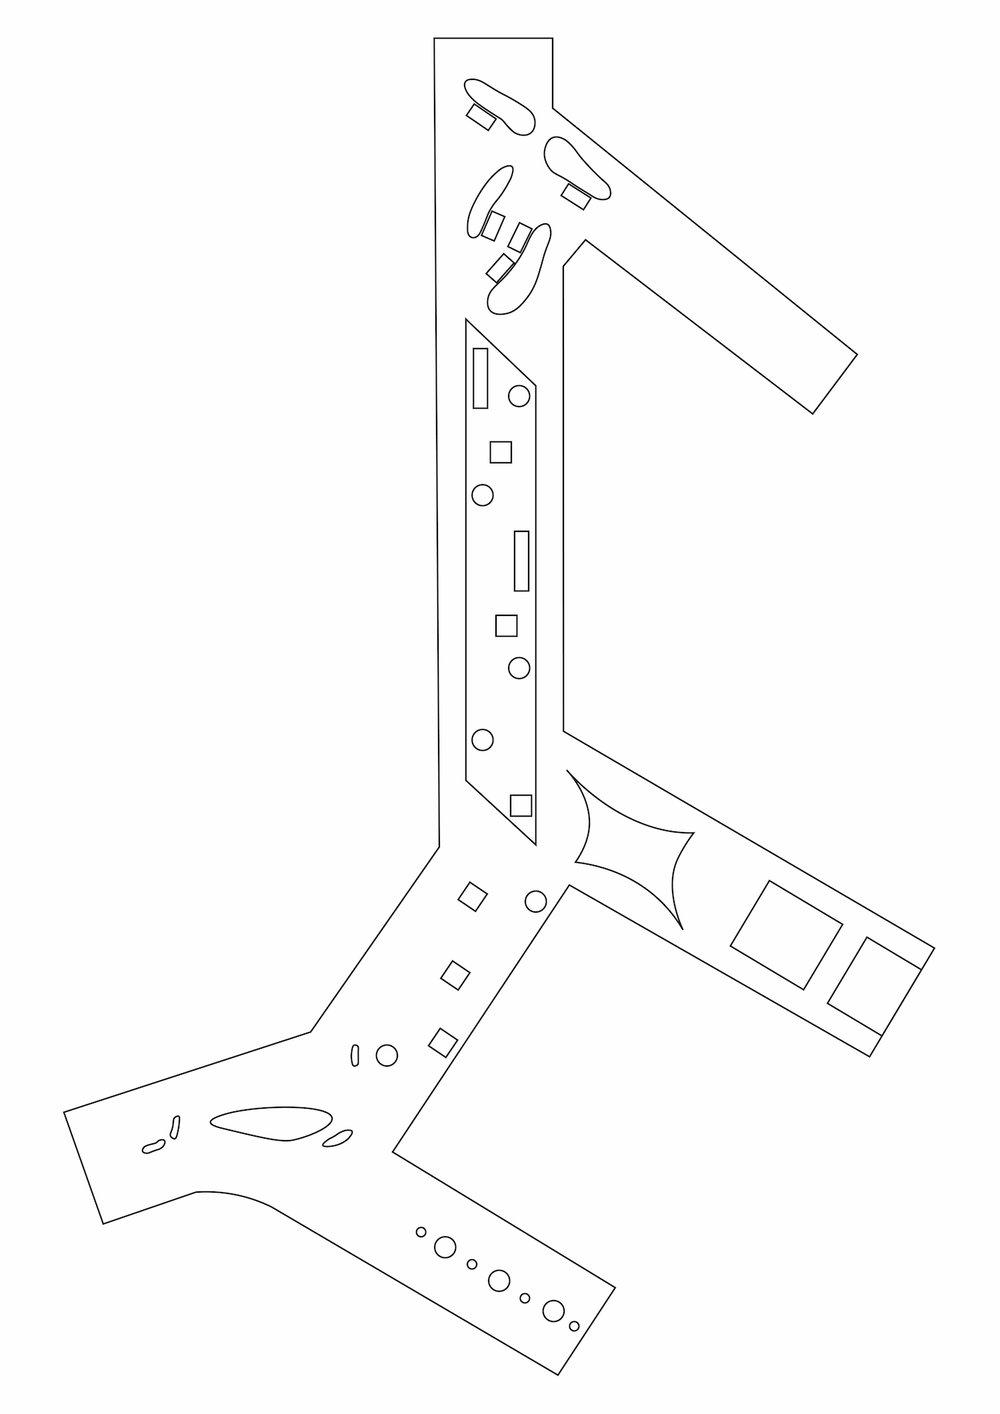 29_Zeichenfläche 1.jpg